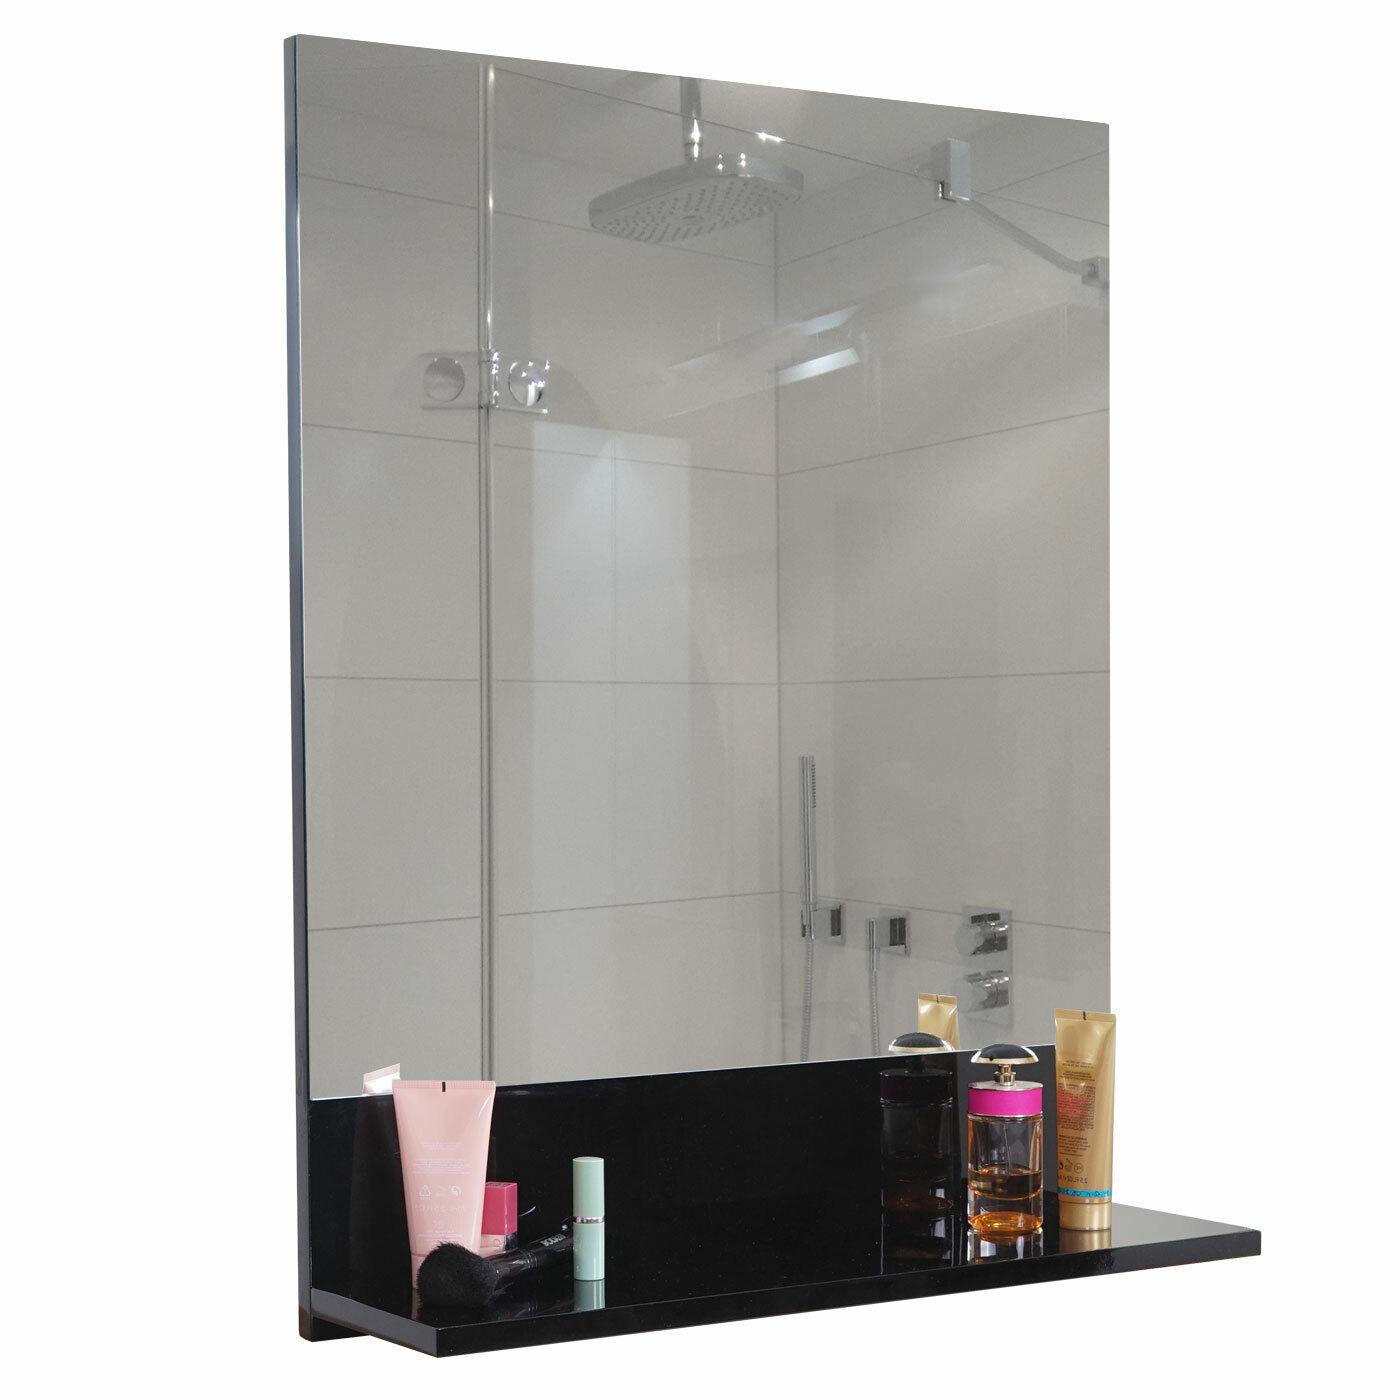 Espejo de pared con archivador mcw-b19, cuarto de baño, brillante 75x60cm negro